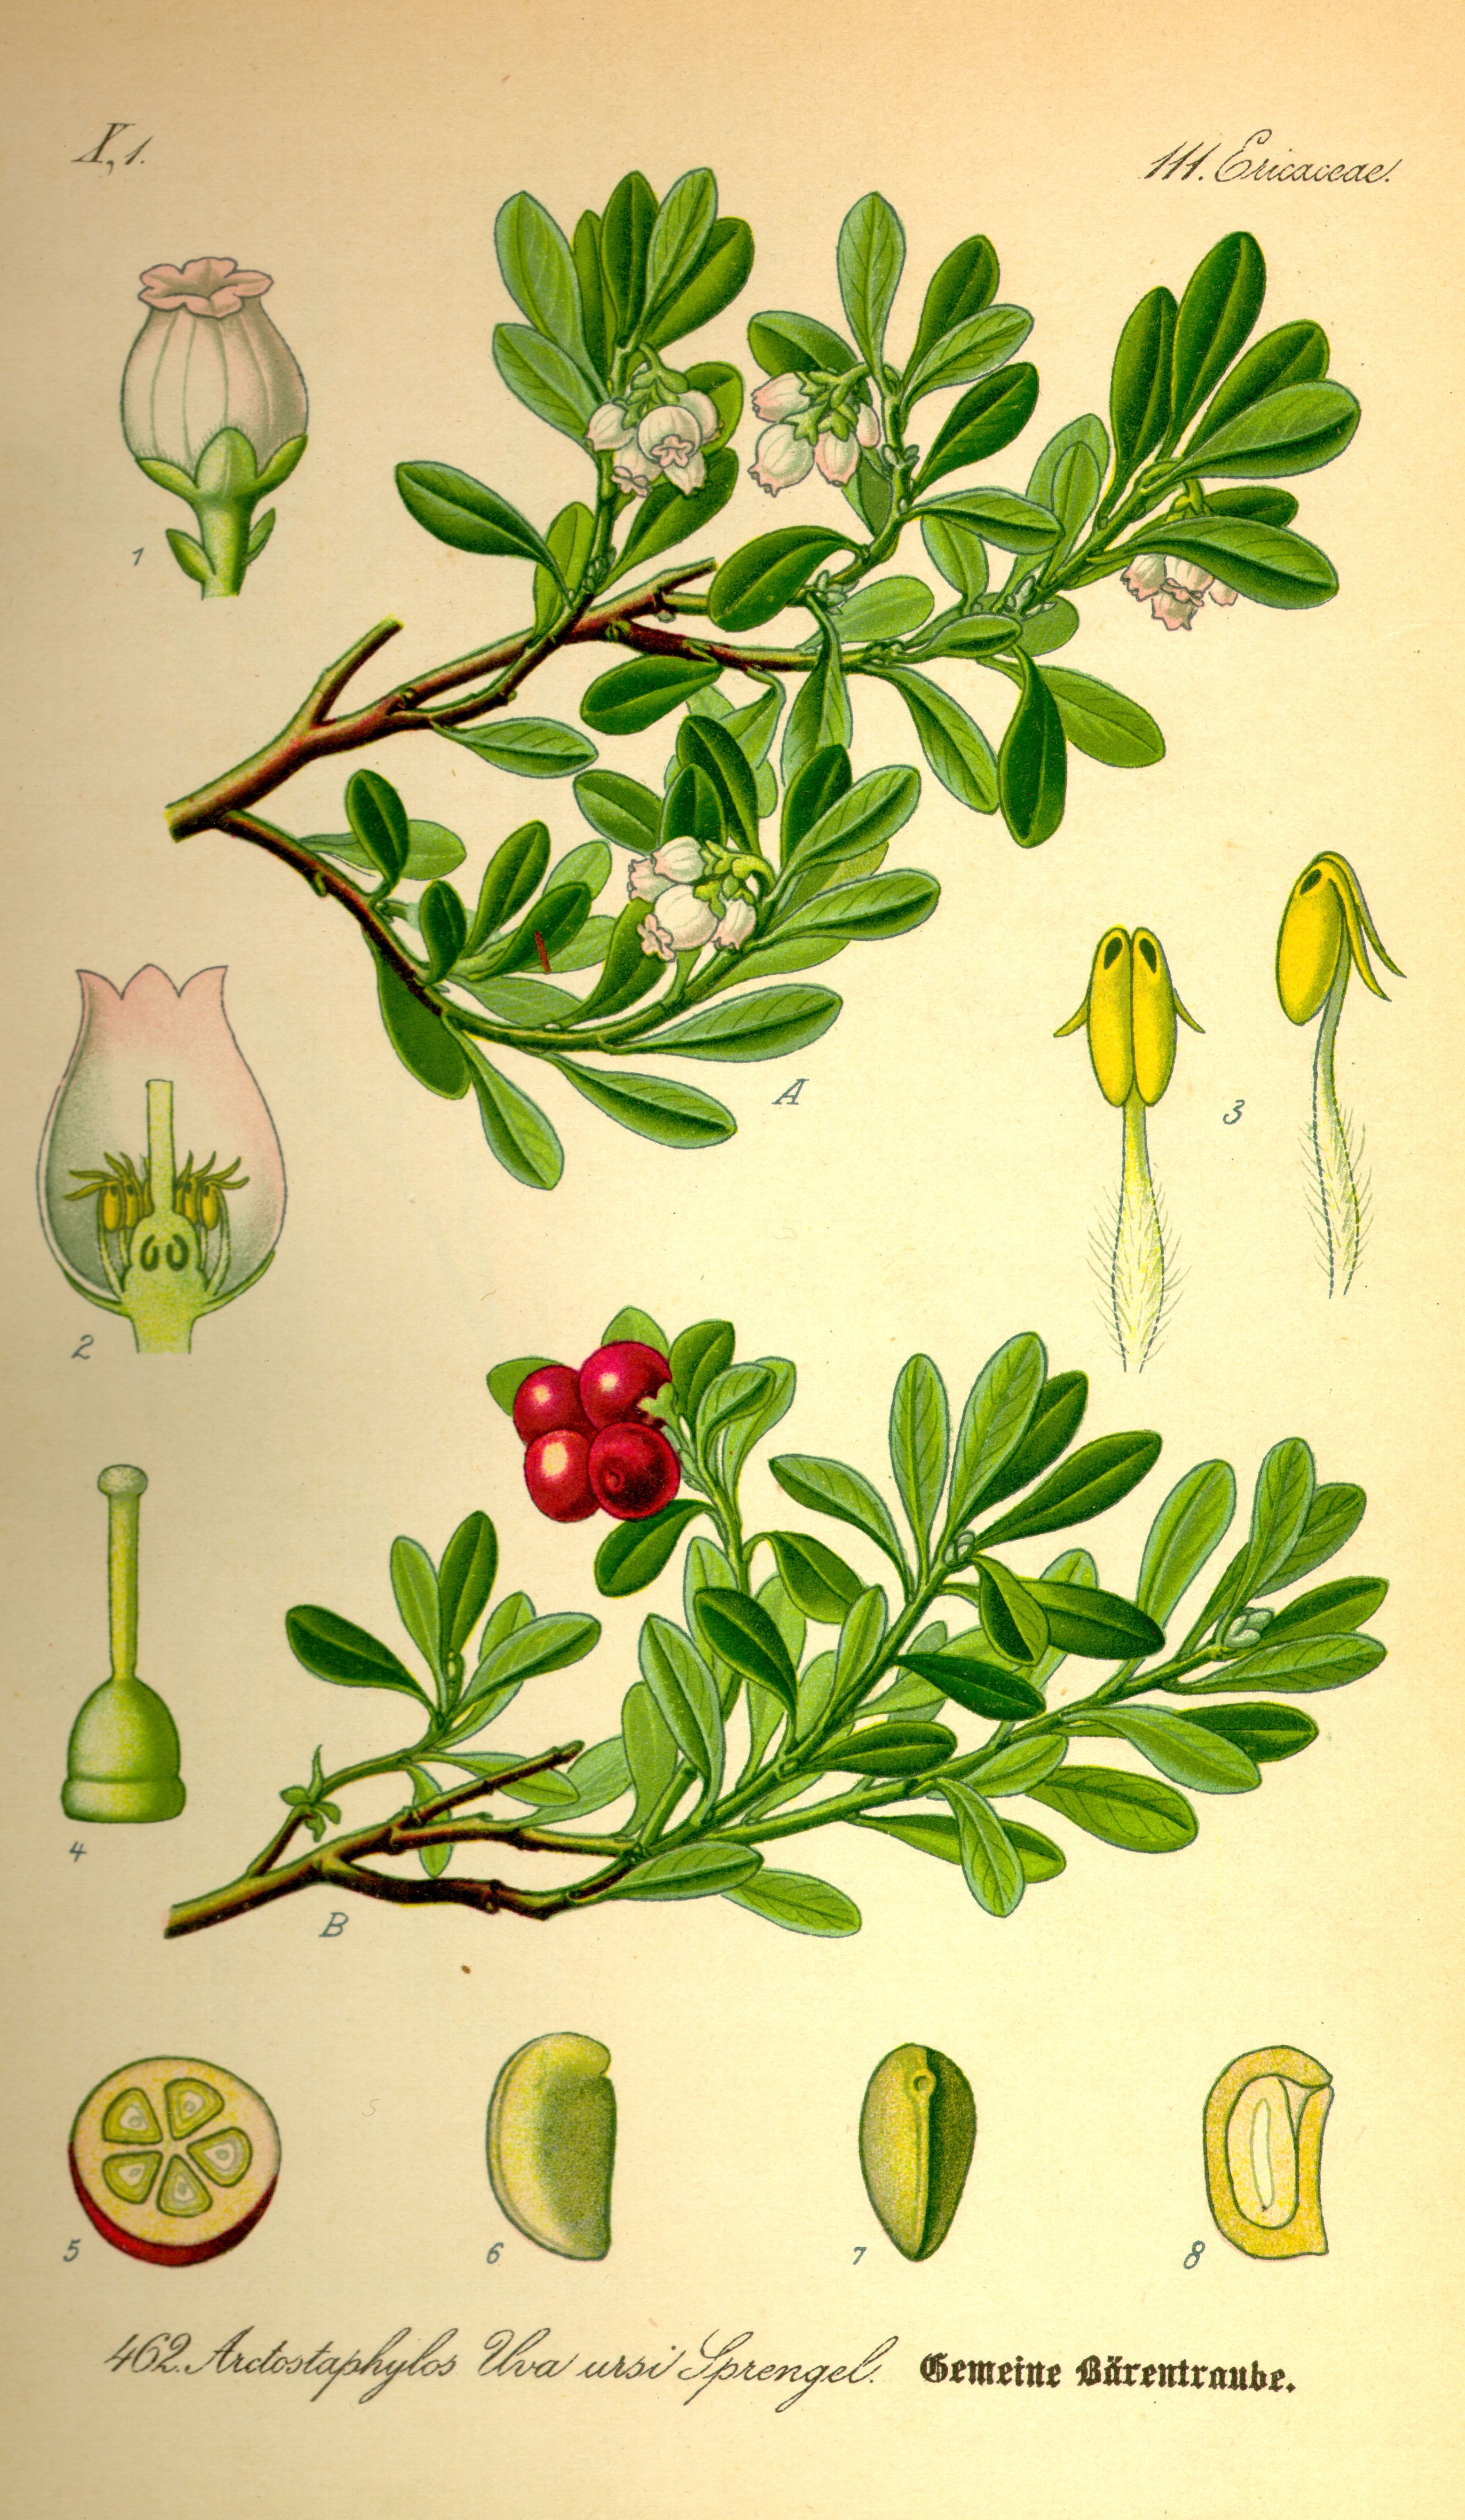 bearberry Kinnikinnick [Arctostaphylos uva ursi]